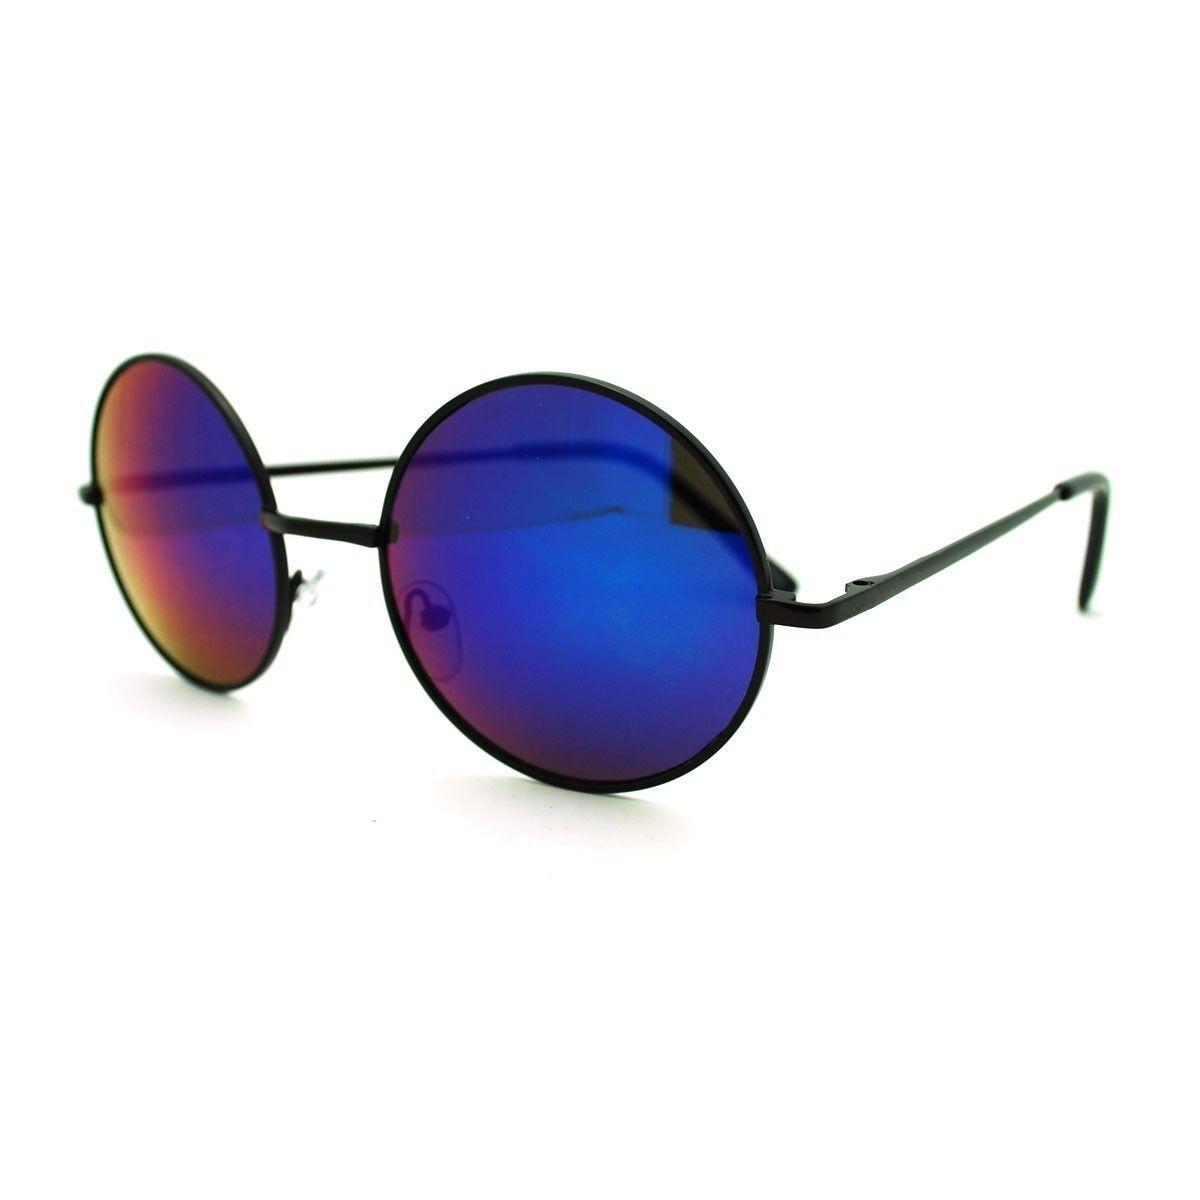 53ecdd8ebe 70s Activist Hippie Circle Mirror Lens Wire Rim Round Retro Sunglasses